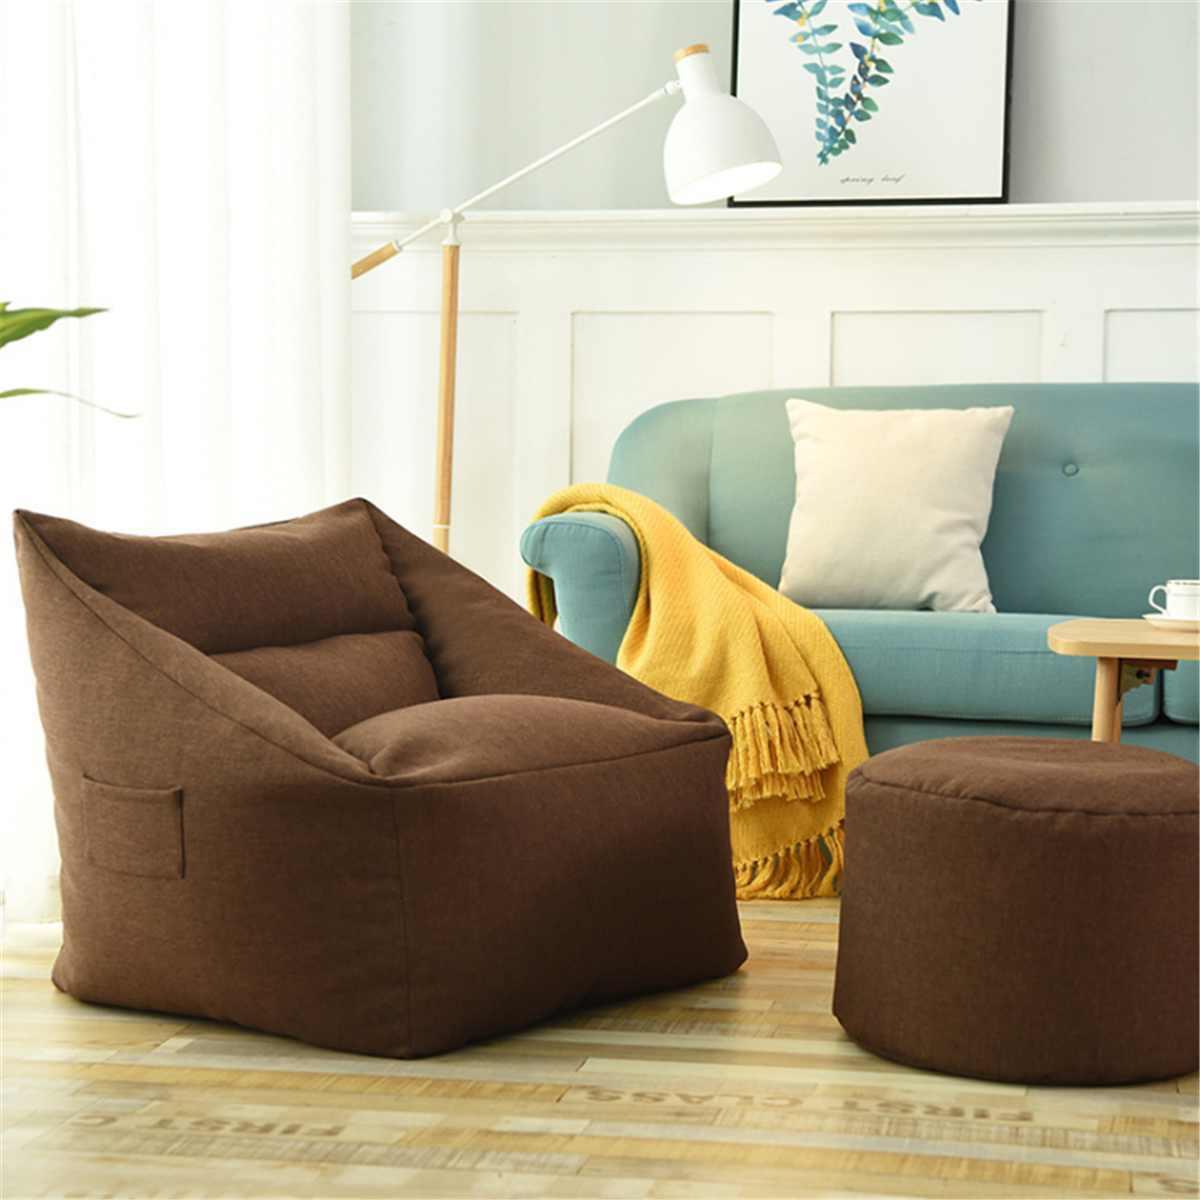 À prova d' água do Saco de Feijão Sofás Beanbag Lavável Tampa Da Cadeira Sofá Preguiçoso Cadeira Coberta Grande Tampa do Saco de Feijão Poltrona Aconchegante Jogo Amarelo